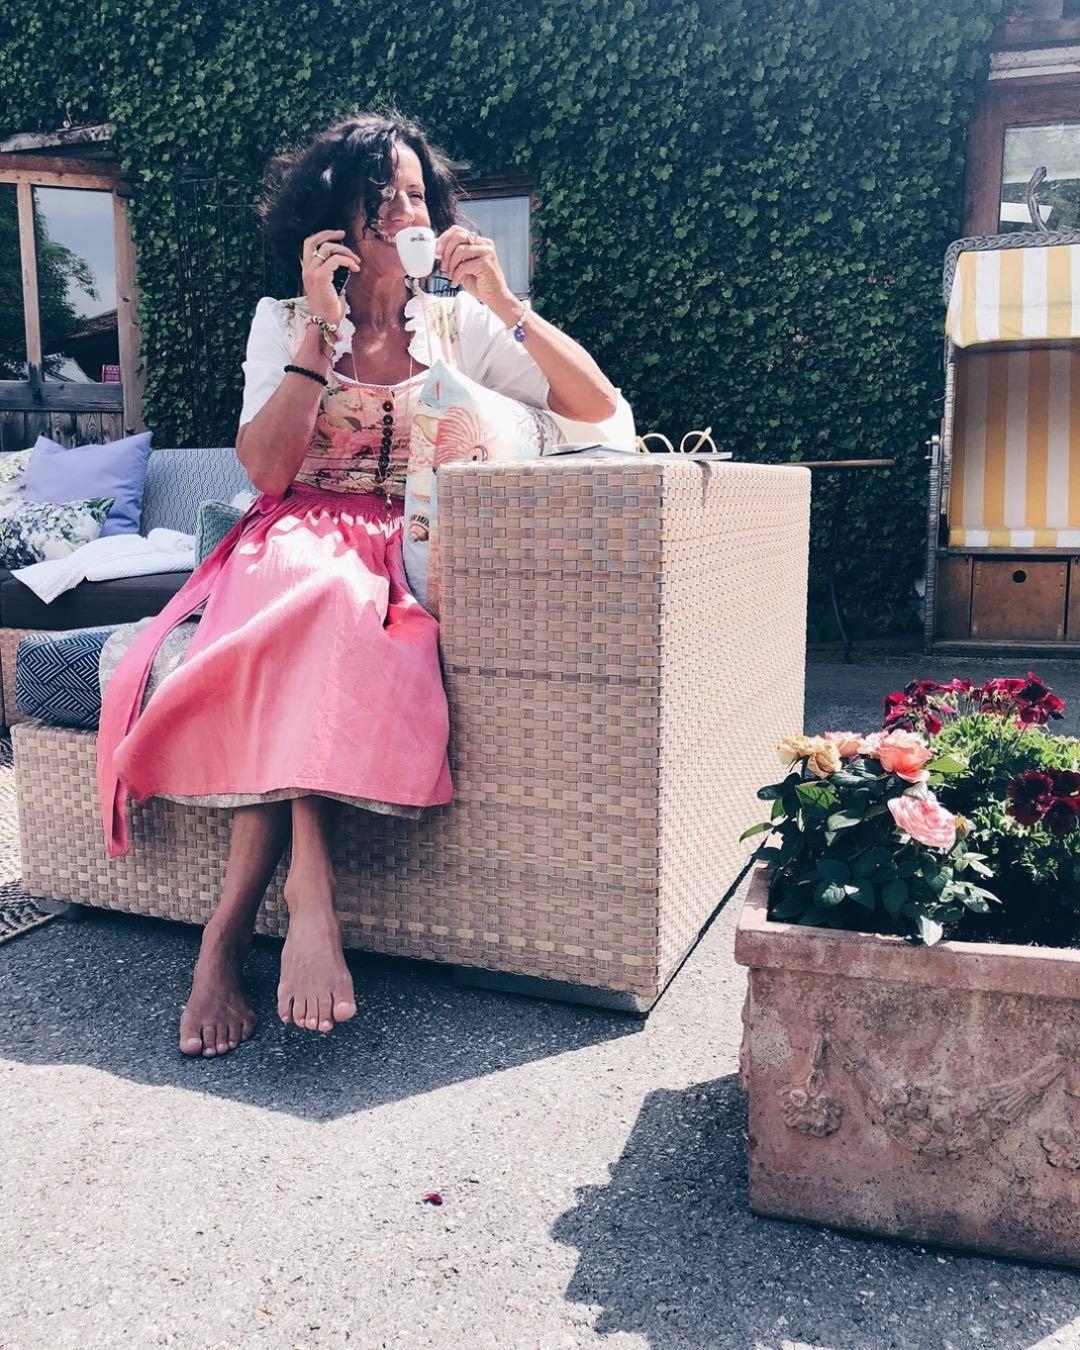 Patio U0026 Things | Barefoot #Espresso In #OldCutler #furnituredesign #design  #outdoors #design #interiordesign